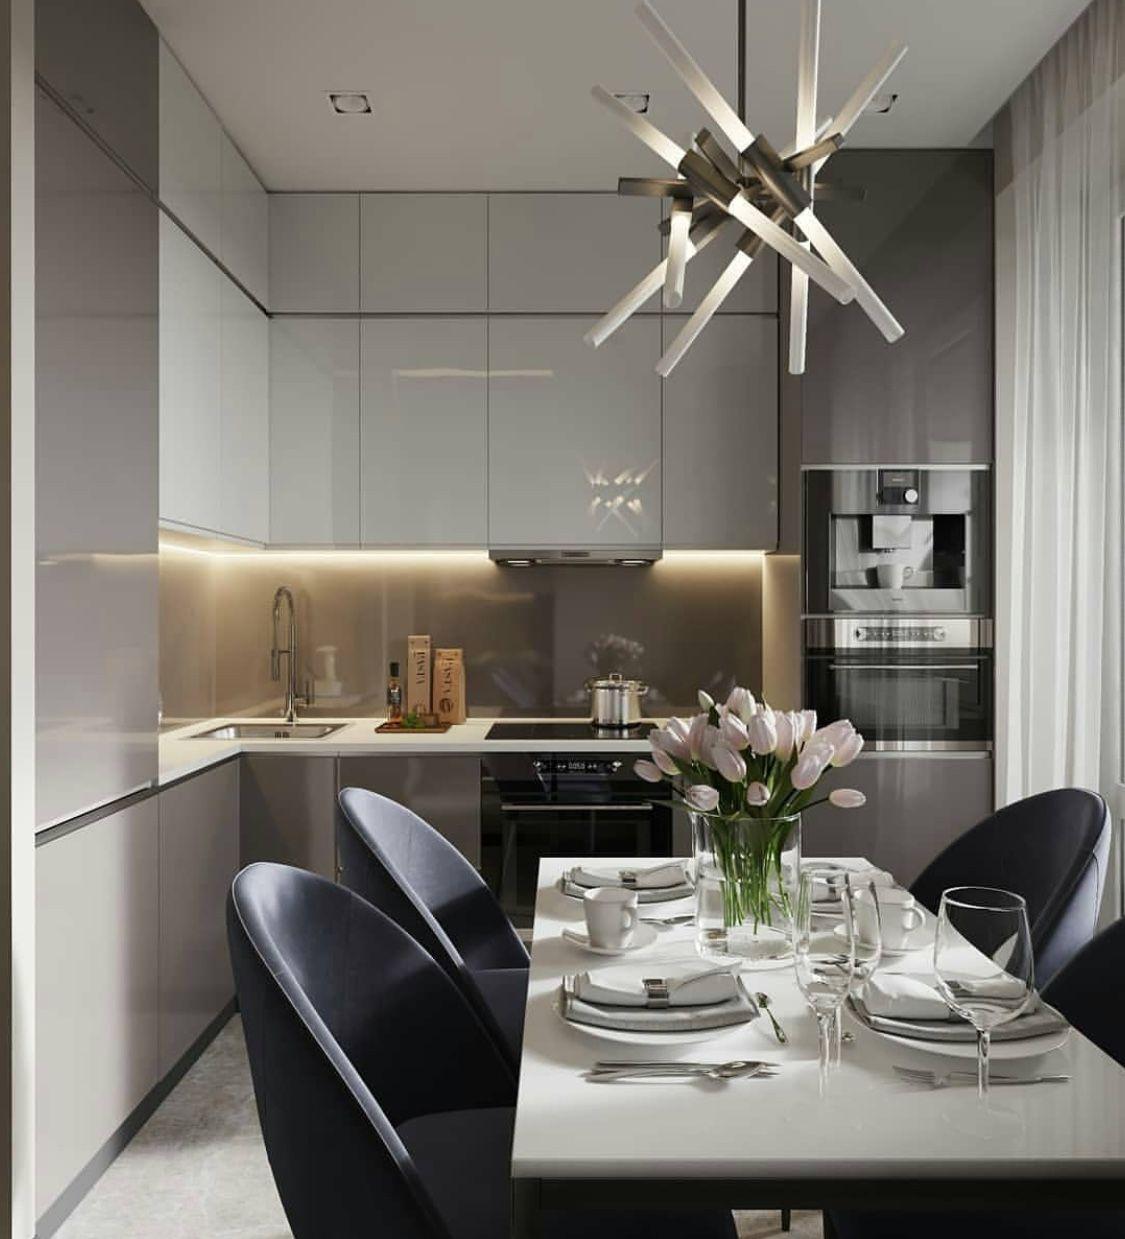 Kleines 2 schlafzimmer hausdesign pin von hayriye auf wohnen  pinterest  küchen design offene küche